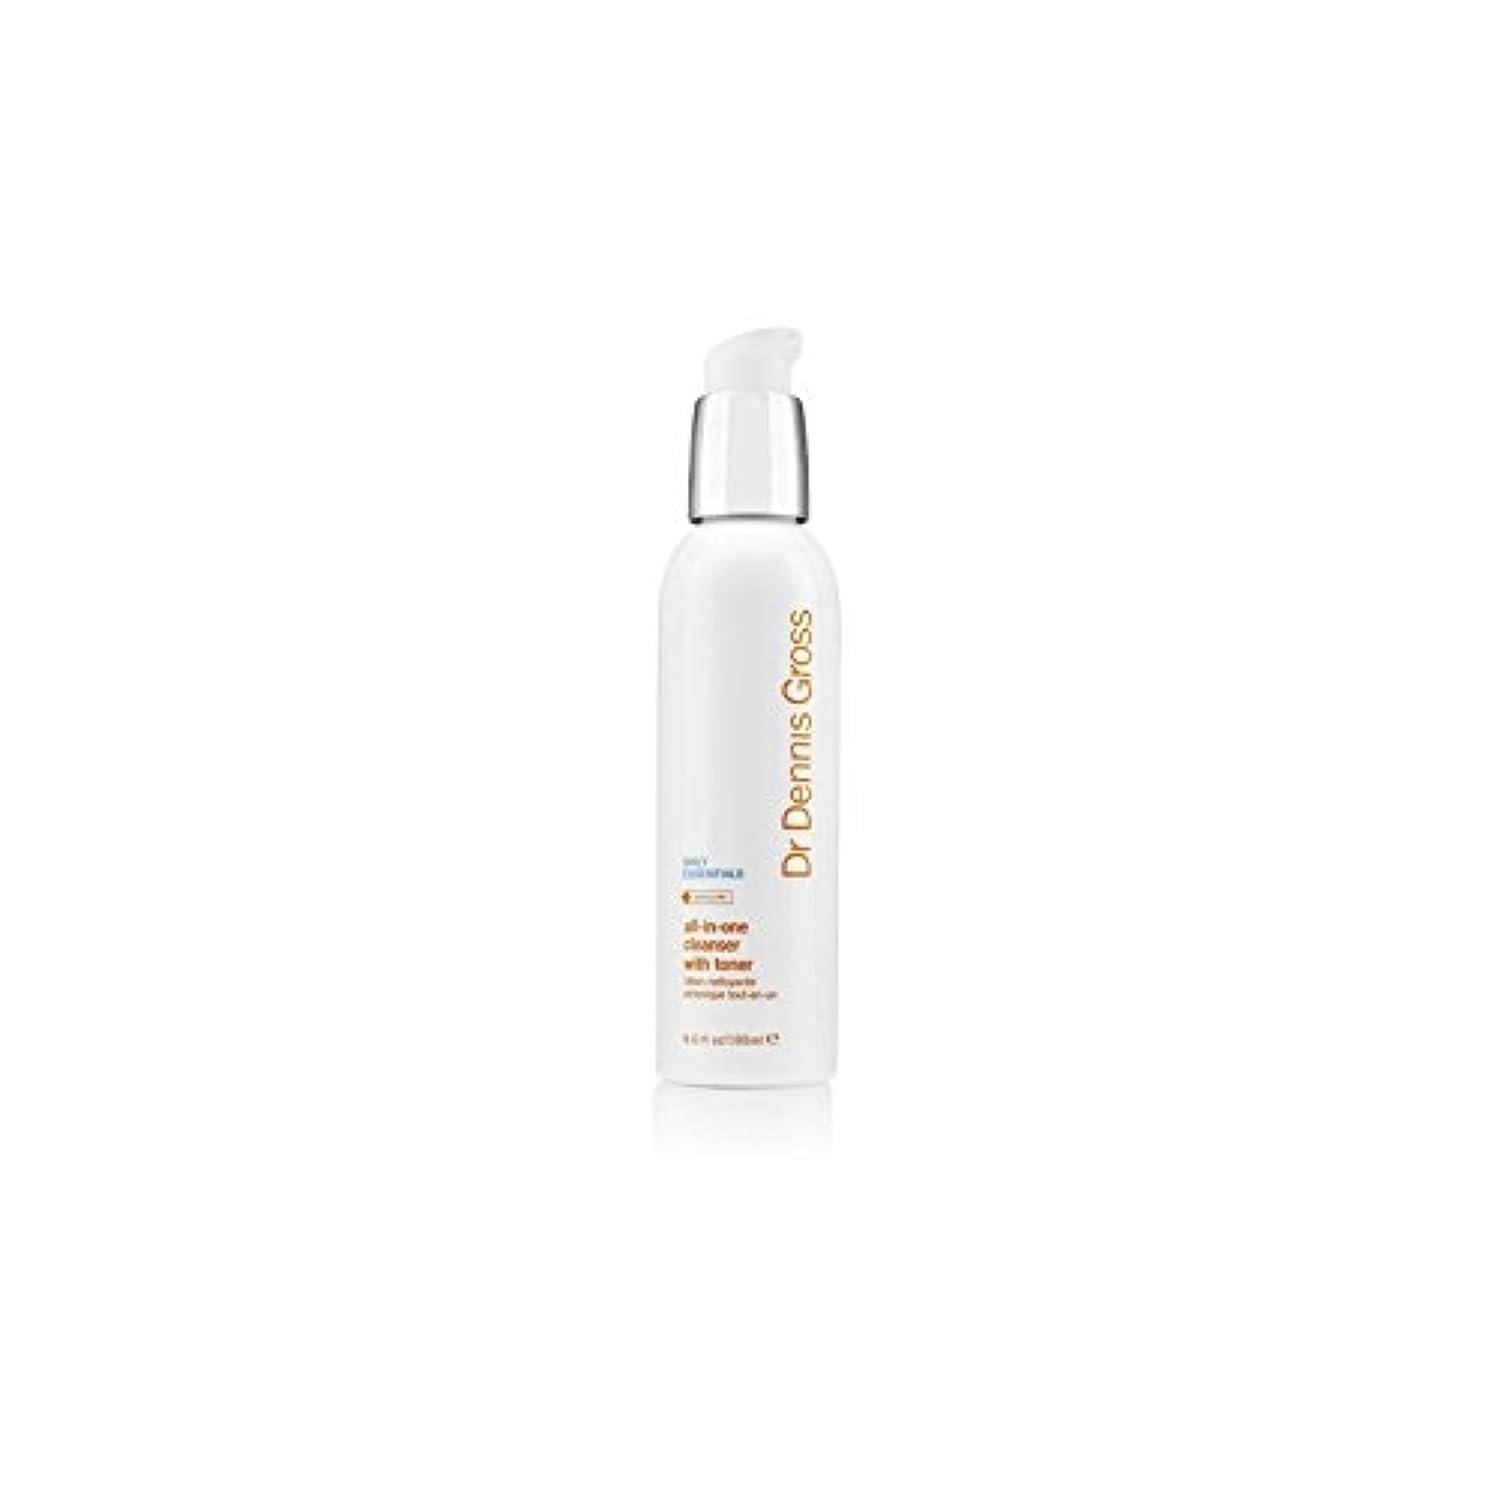 動機細胞サイバースペースDr Dennis Gross All-In-One Facial Cleanser With Toner (180ml) - デニスグロスオールインワントナー(180ミリリットル)とフェイシャルクレンザー [並行輸入品]